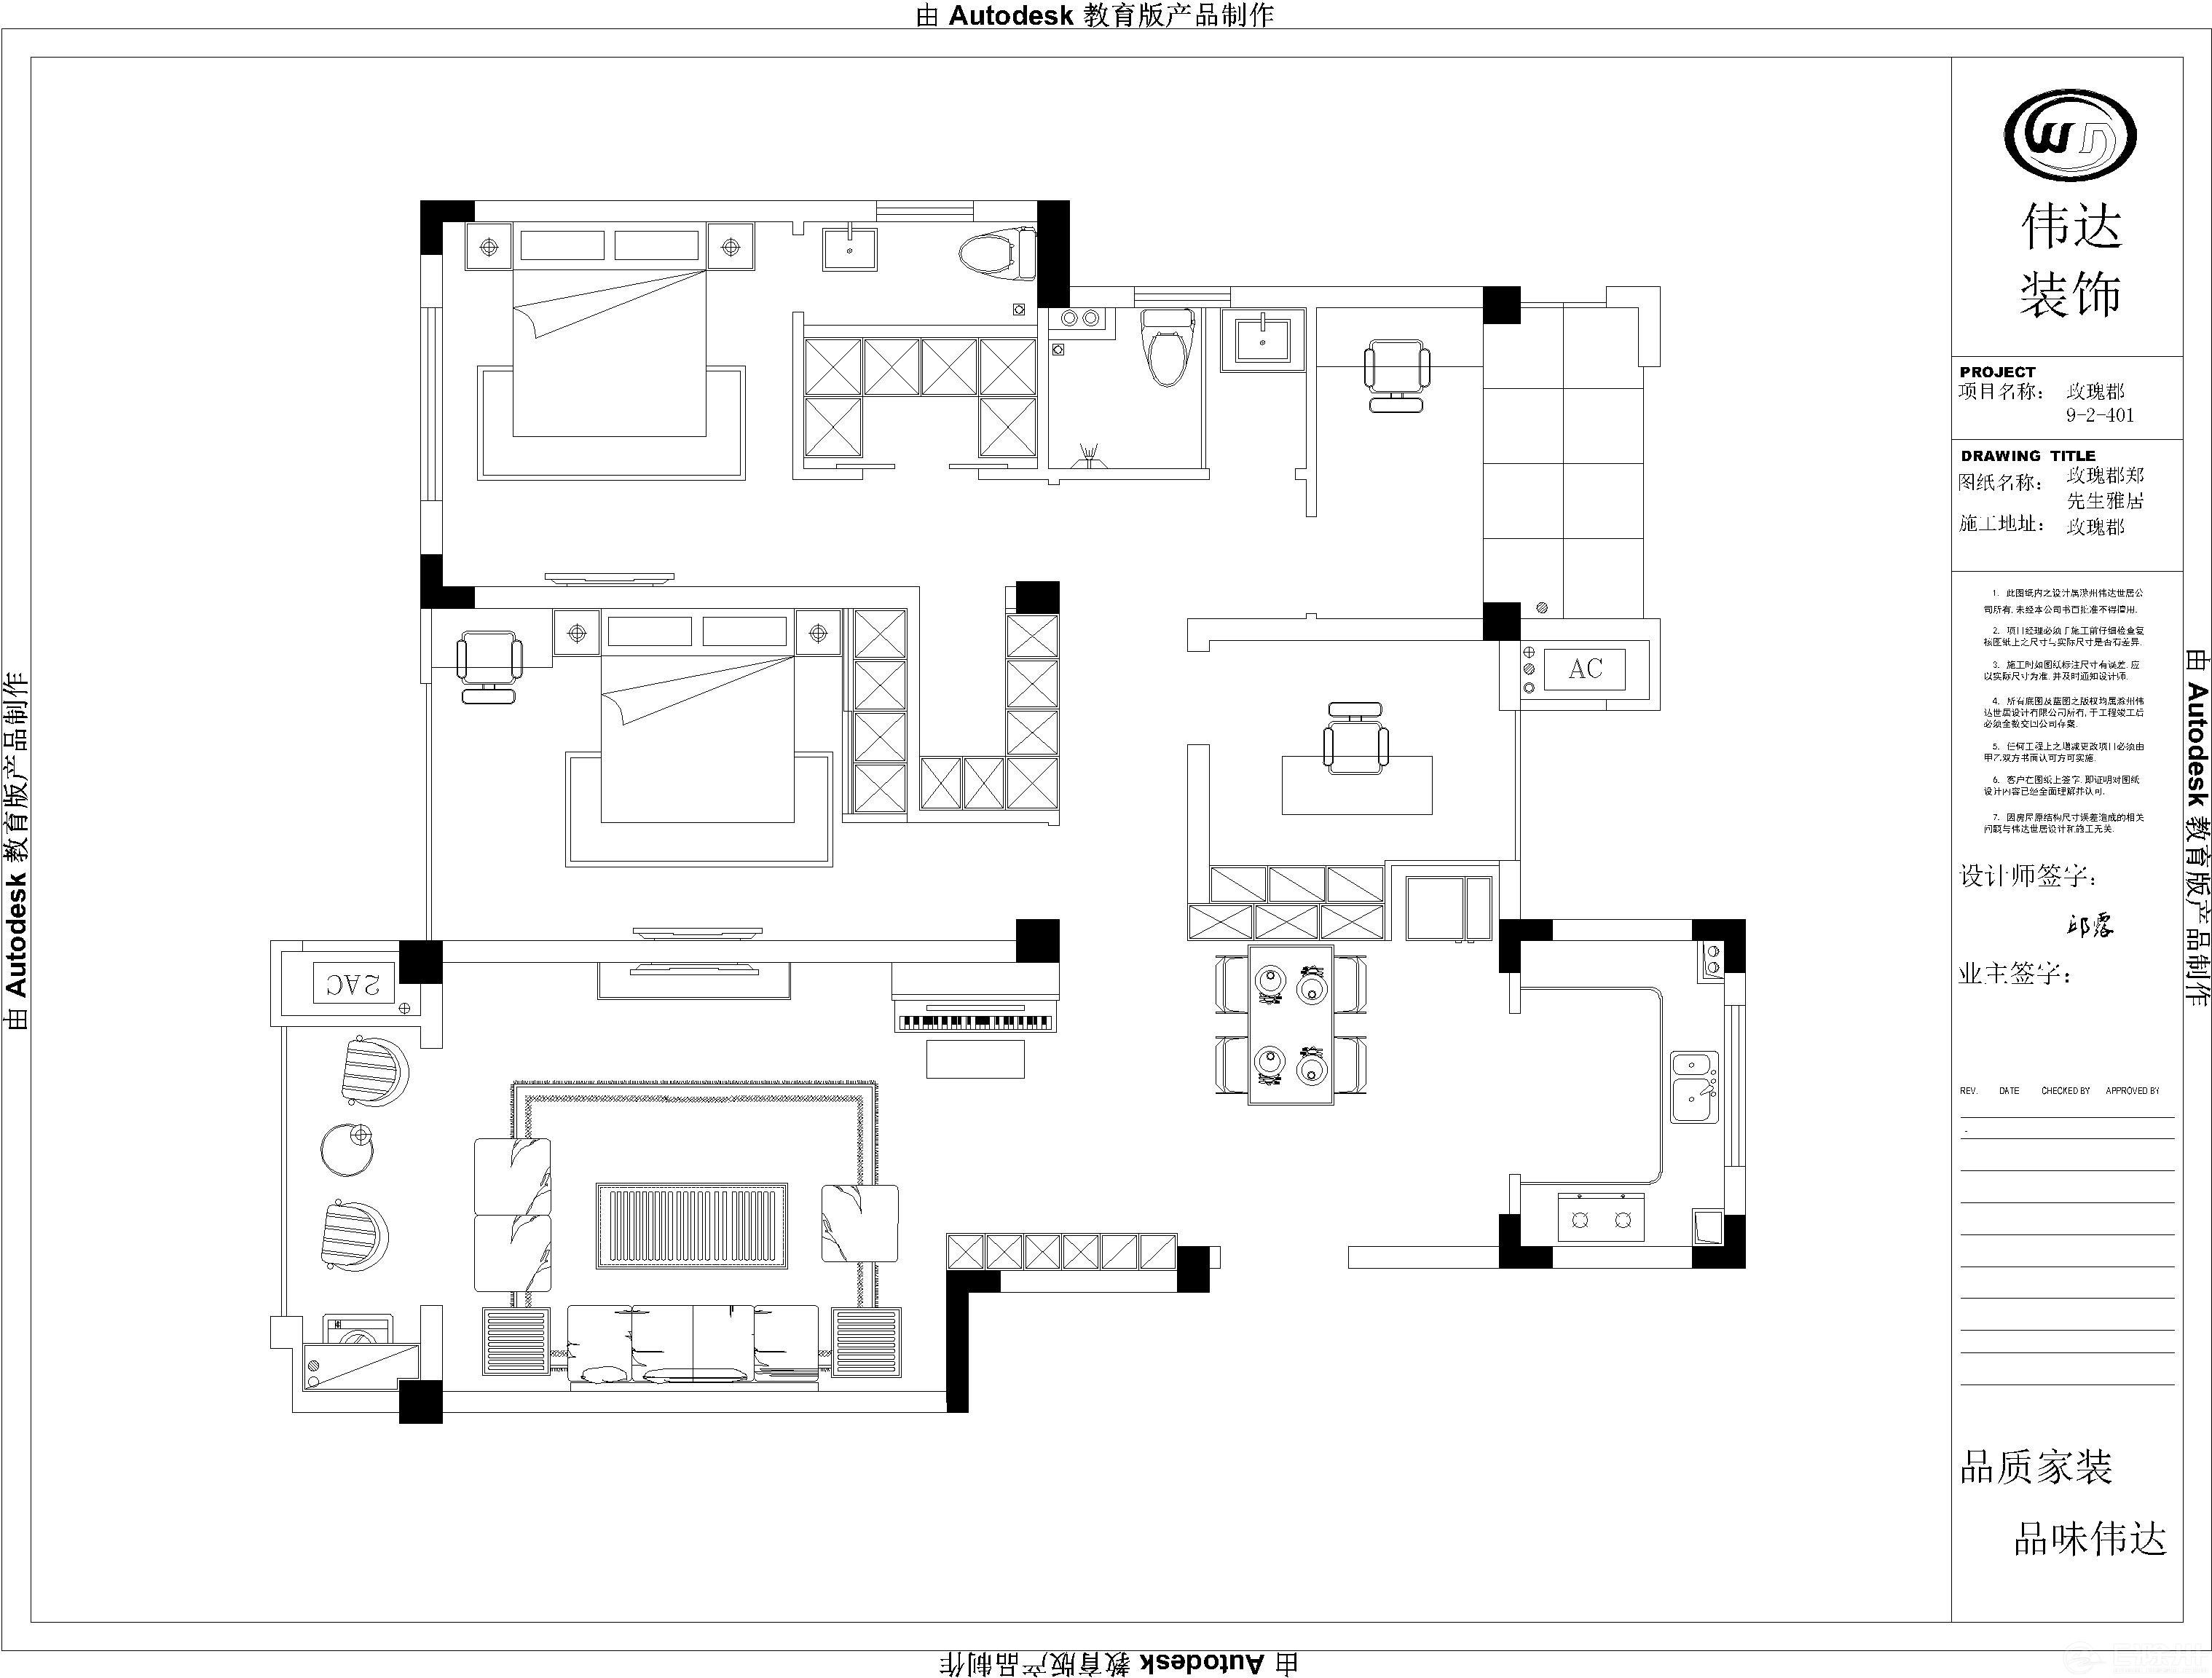 玫瑰郡洋房9栋119-Model.jpg2.jpg